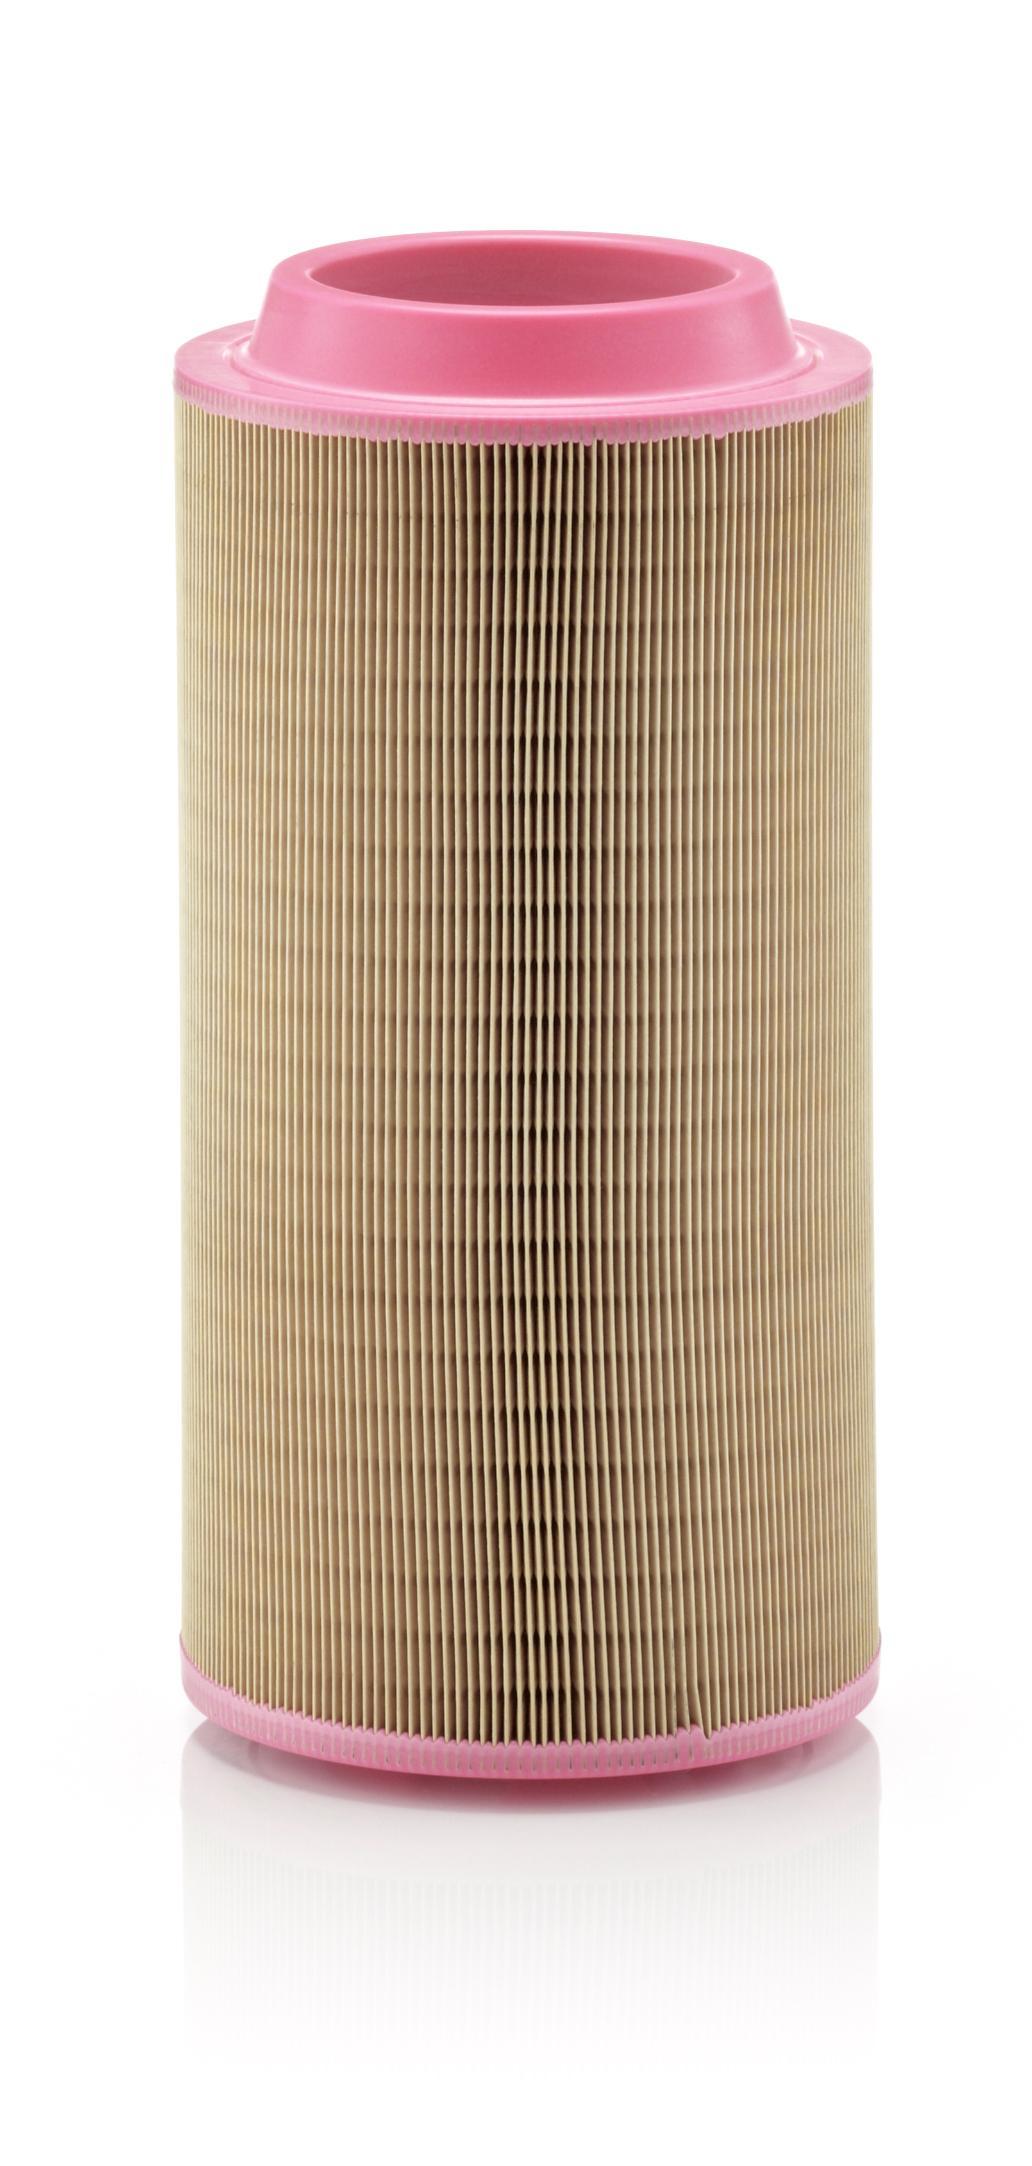 LKW Luftfilter MANN-FILTER C 20 500 kaufen